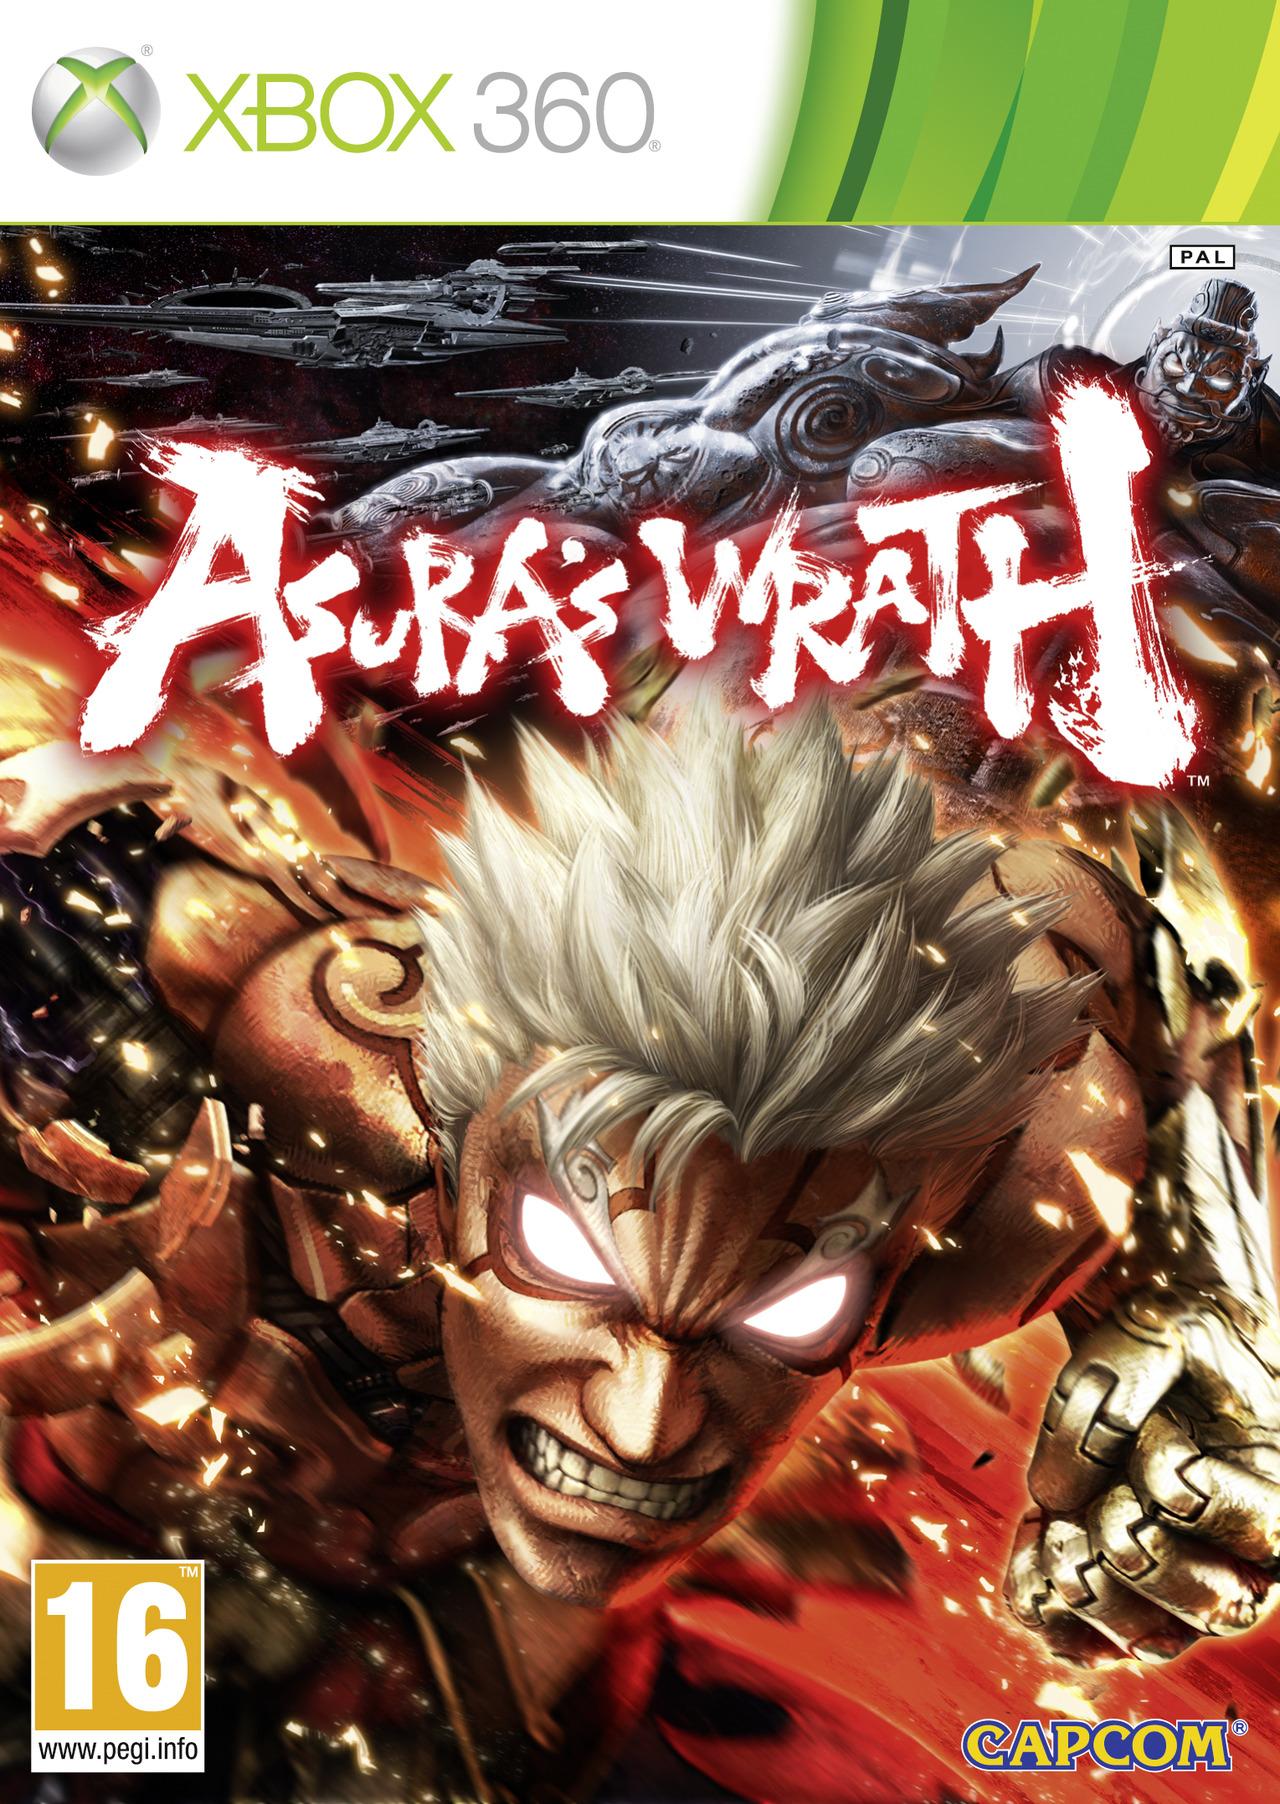 http://image.jeuxvideo.com/images/jaquettes/00038443/jaquette-asura-s-wrath-xbox-360-cover-avant-g-1327697326.jpg